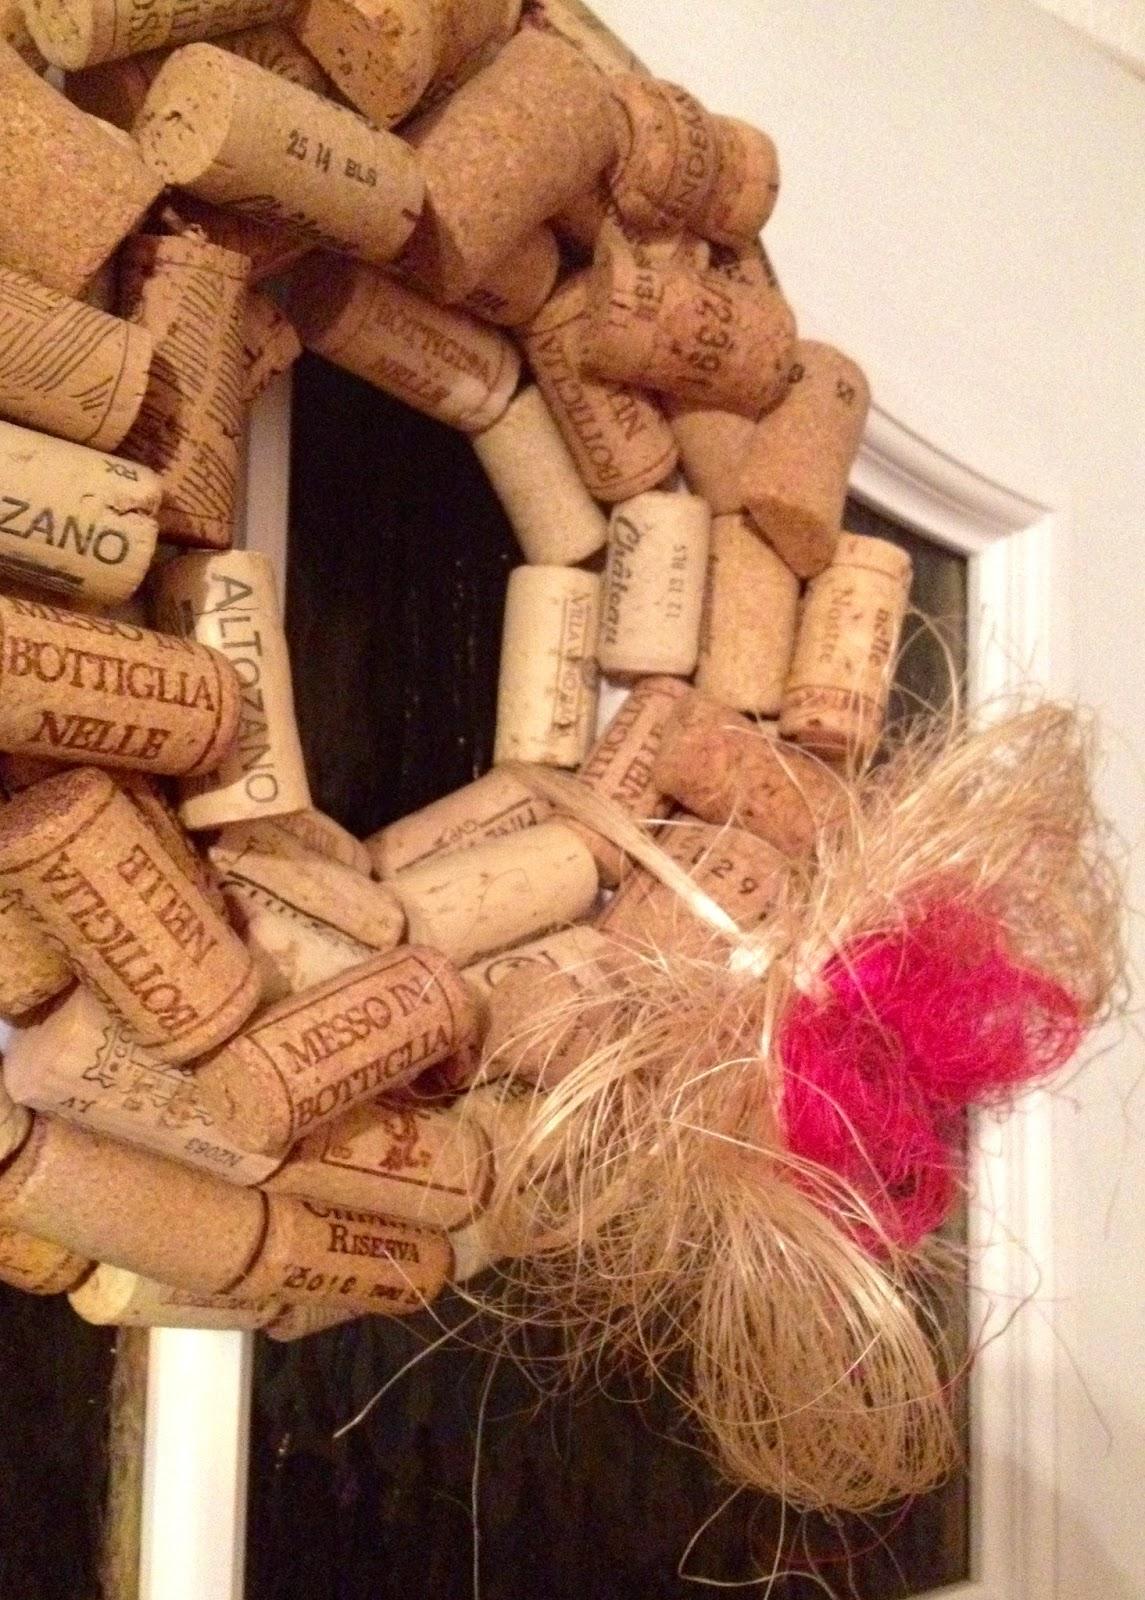 Recyklácia korkovej zátky z vína / Recyclation of wine cork